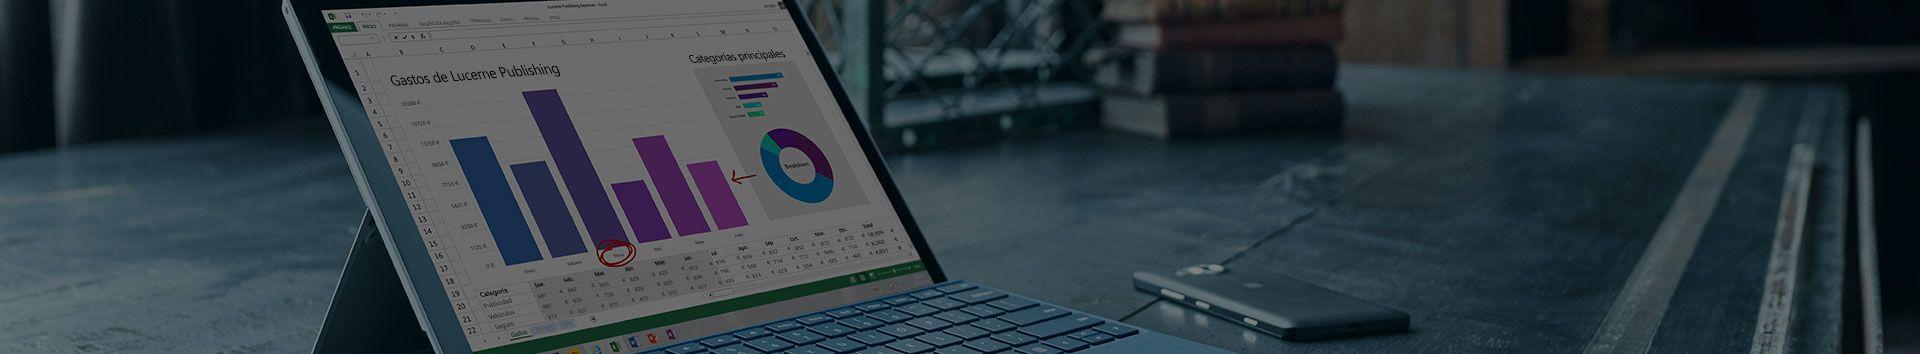 Imagen de una tableta Microsoft Surface muestra un informe de gastos en Microsoft Excel